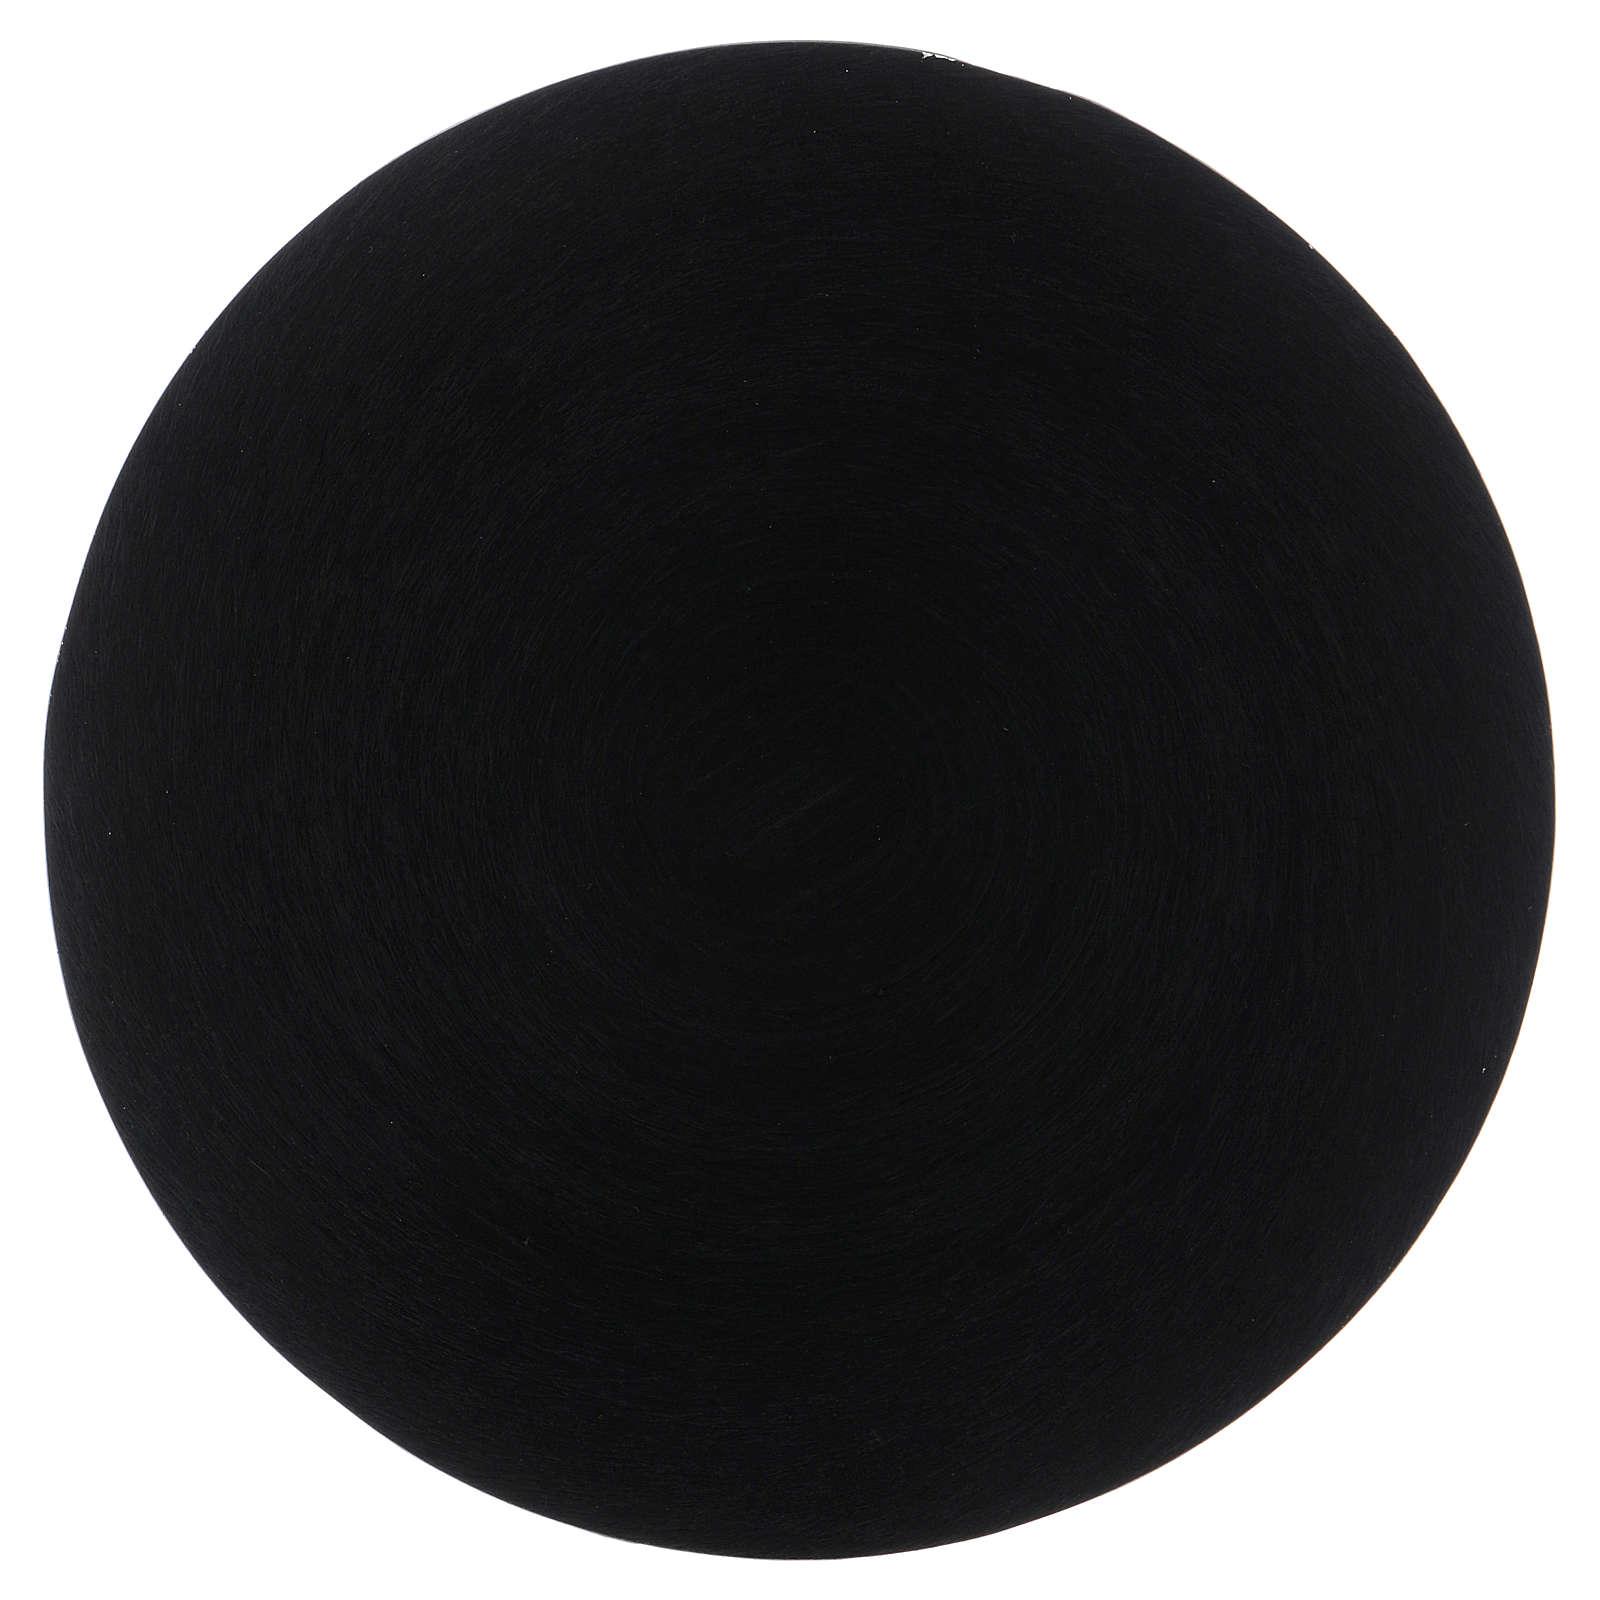 Platillo portavela aluminio negro 14 cm 3